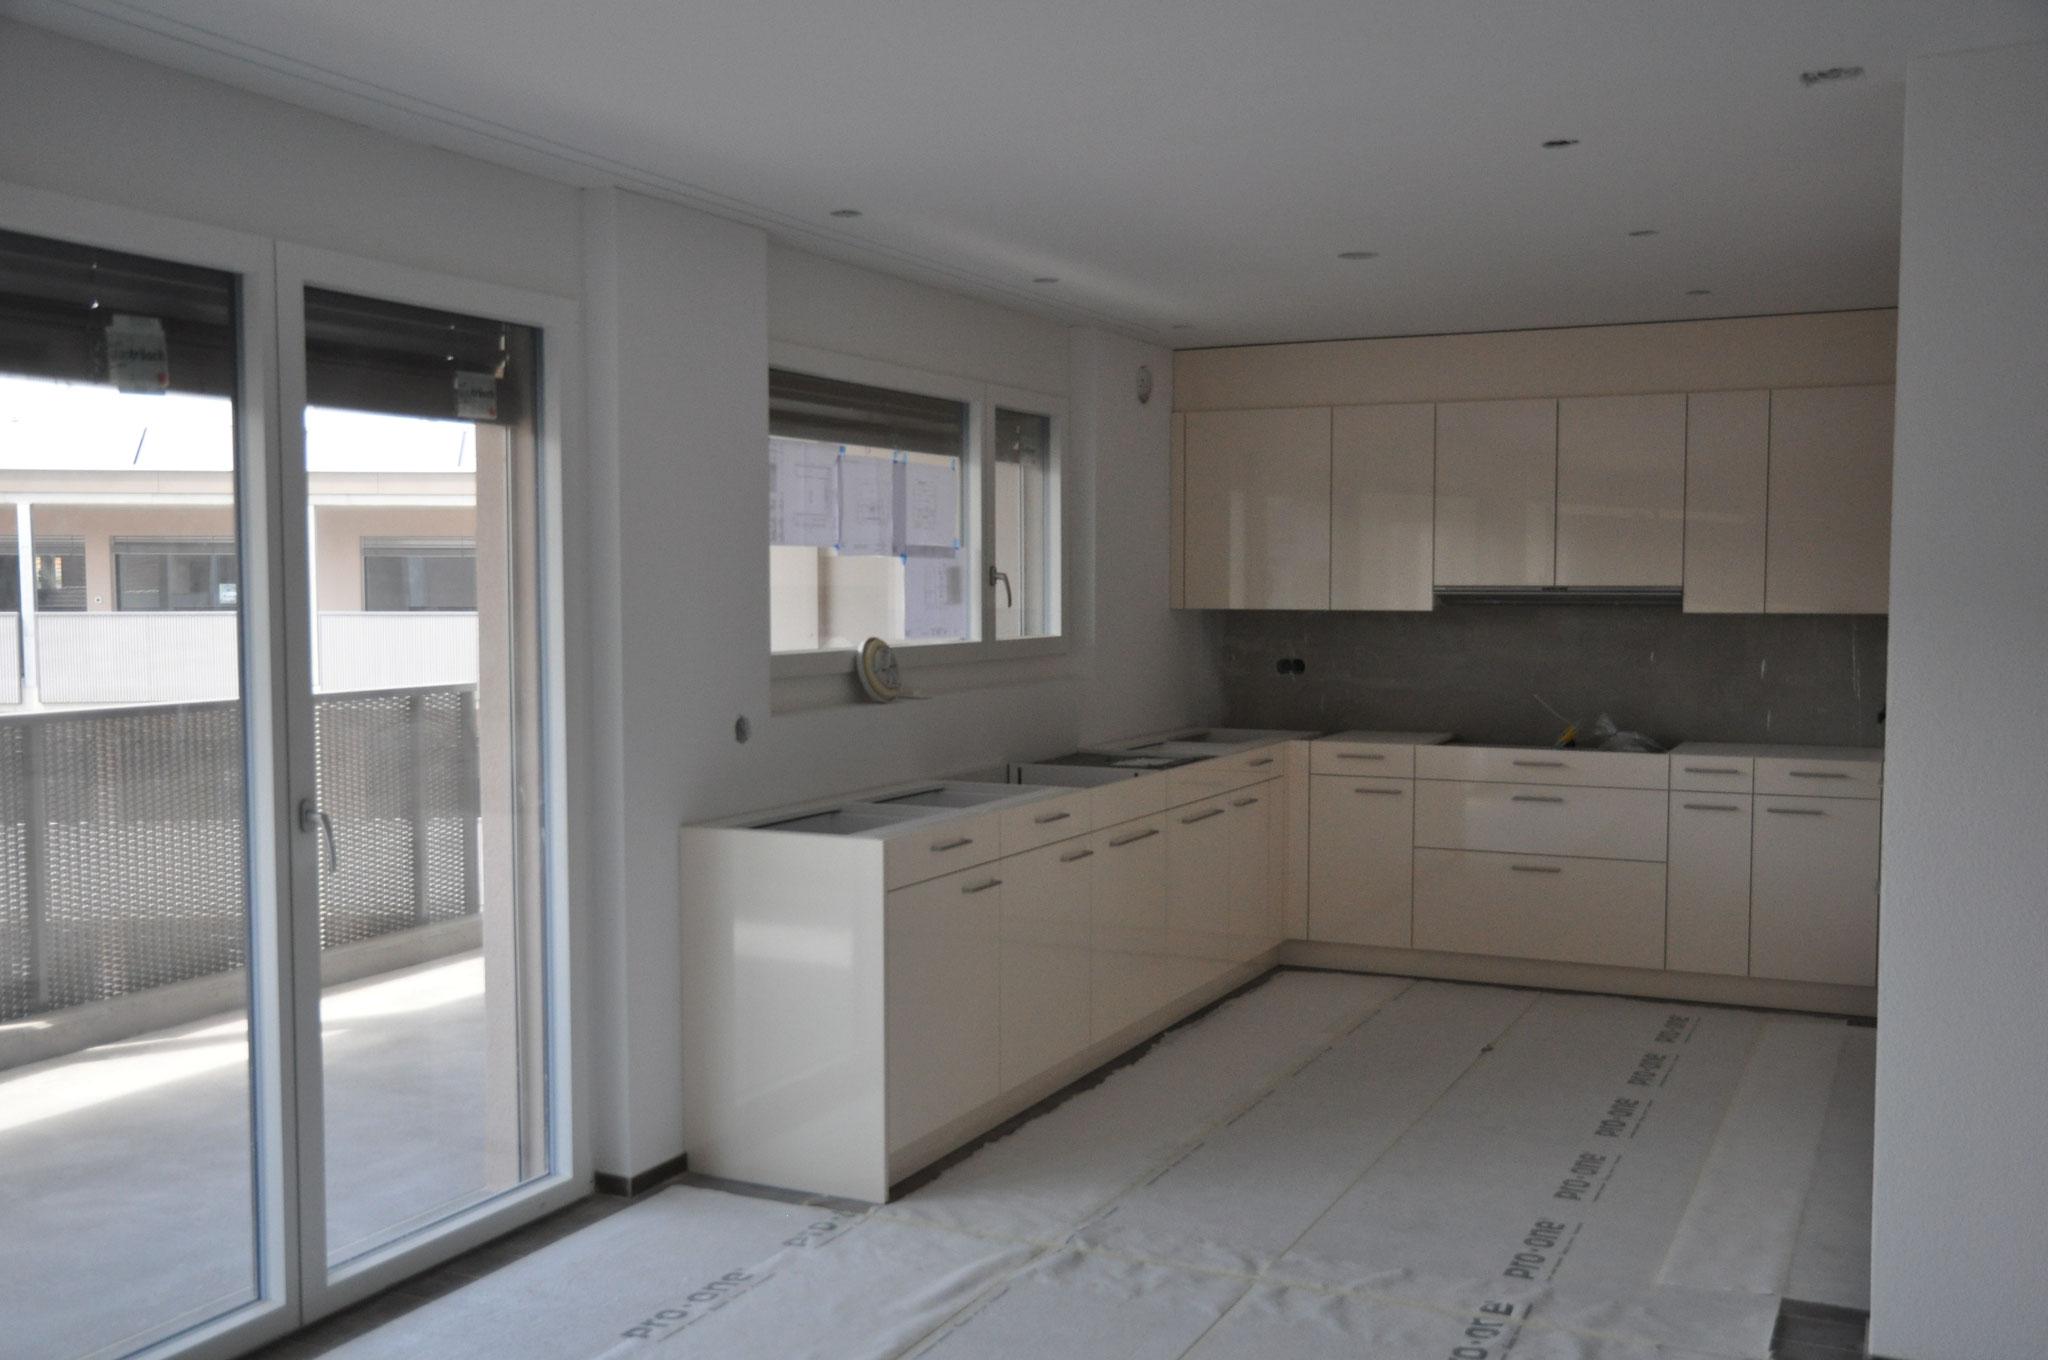 3,5 Zimmer Wohnung Einheit B: die Küche ist schon bald bereit! Ende Mai 2016